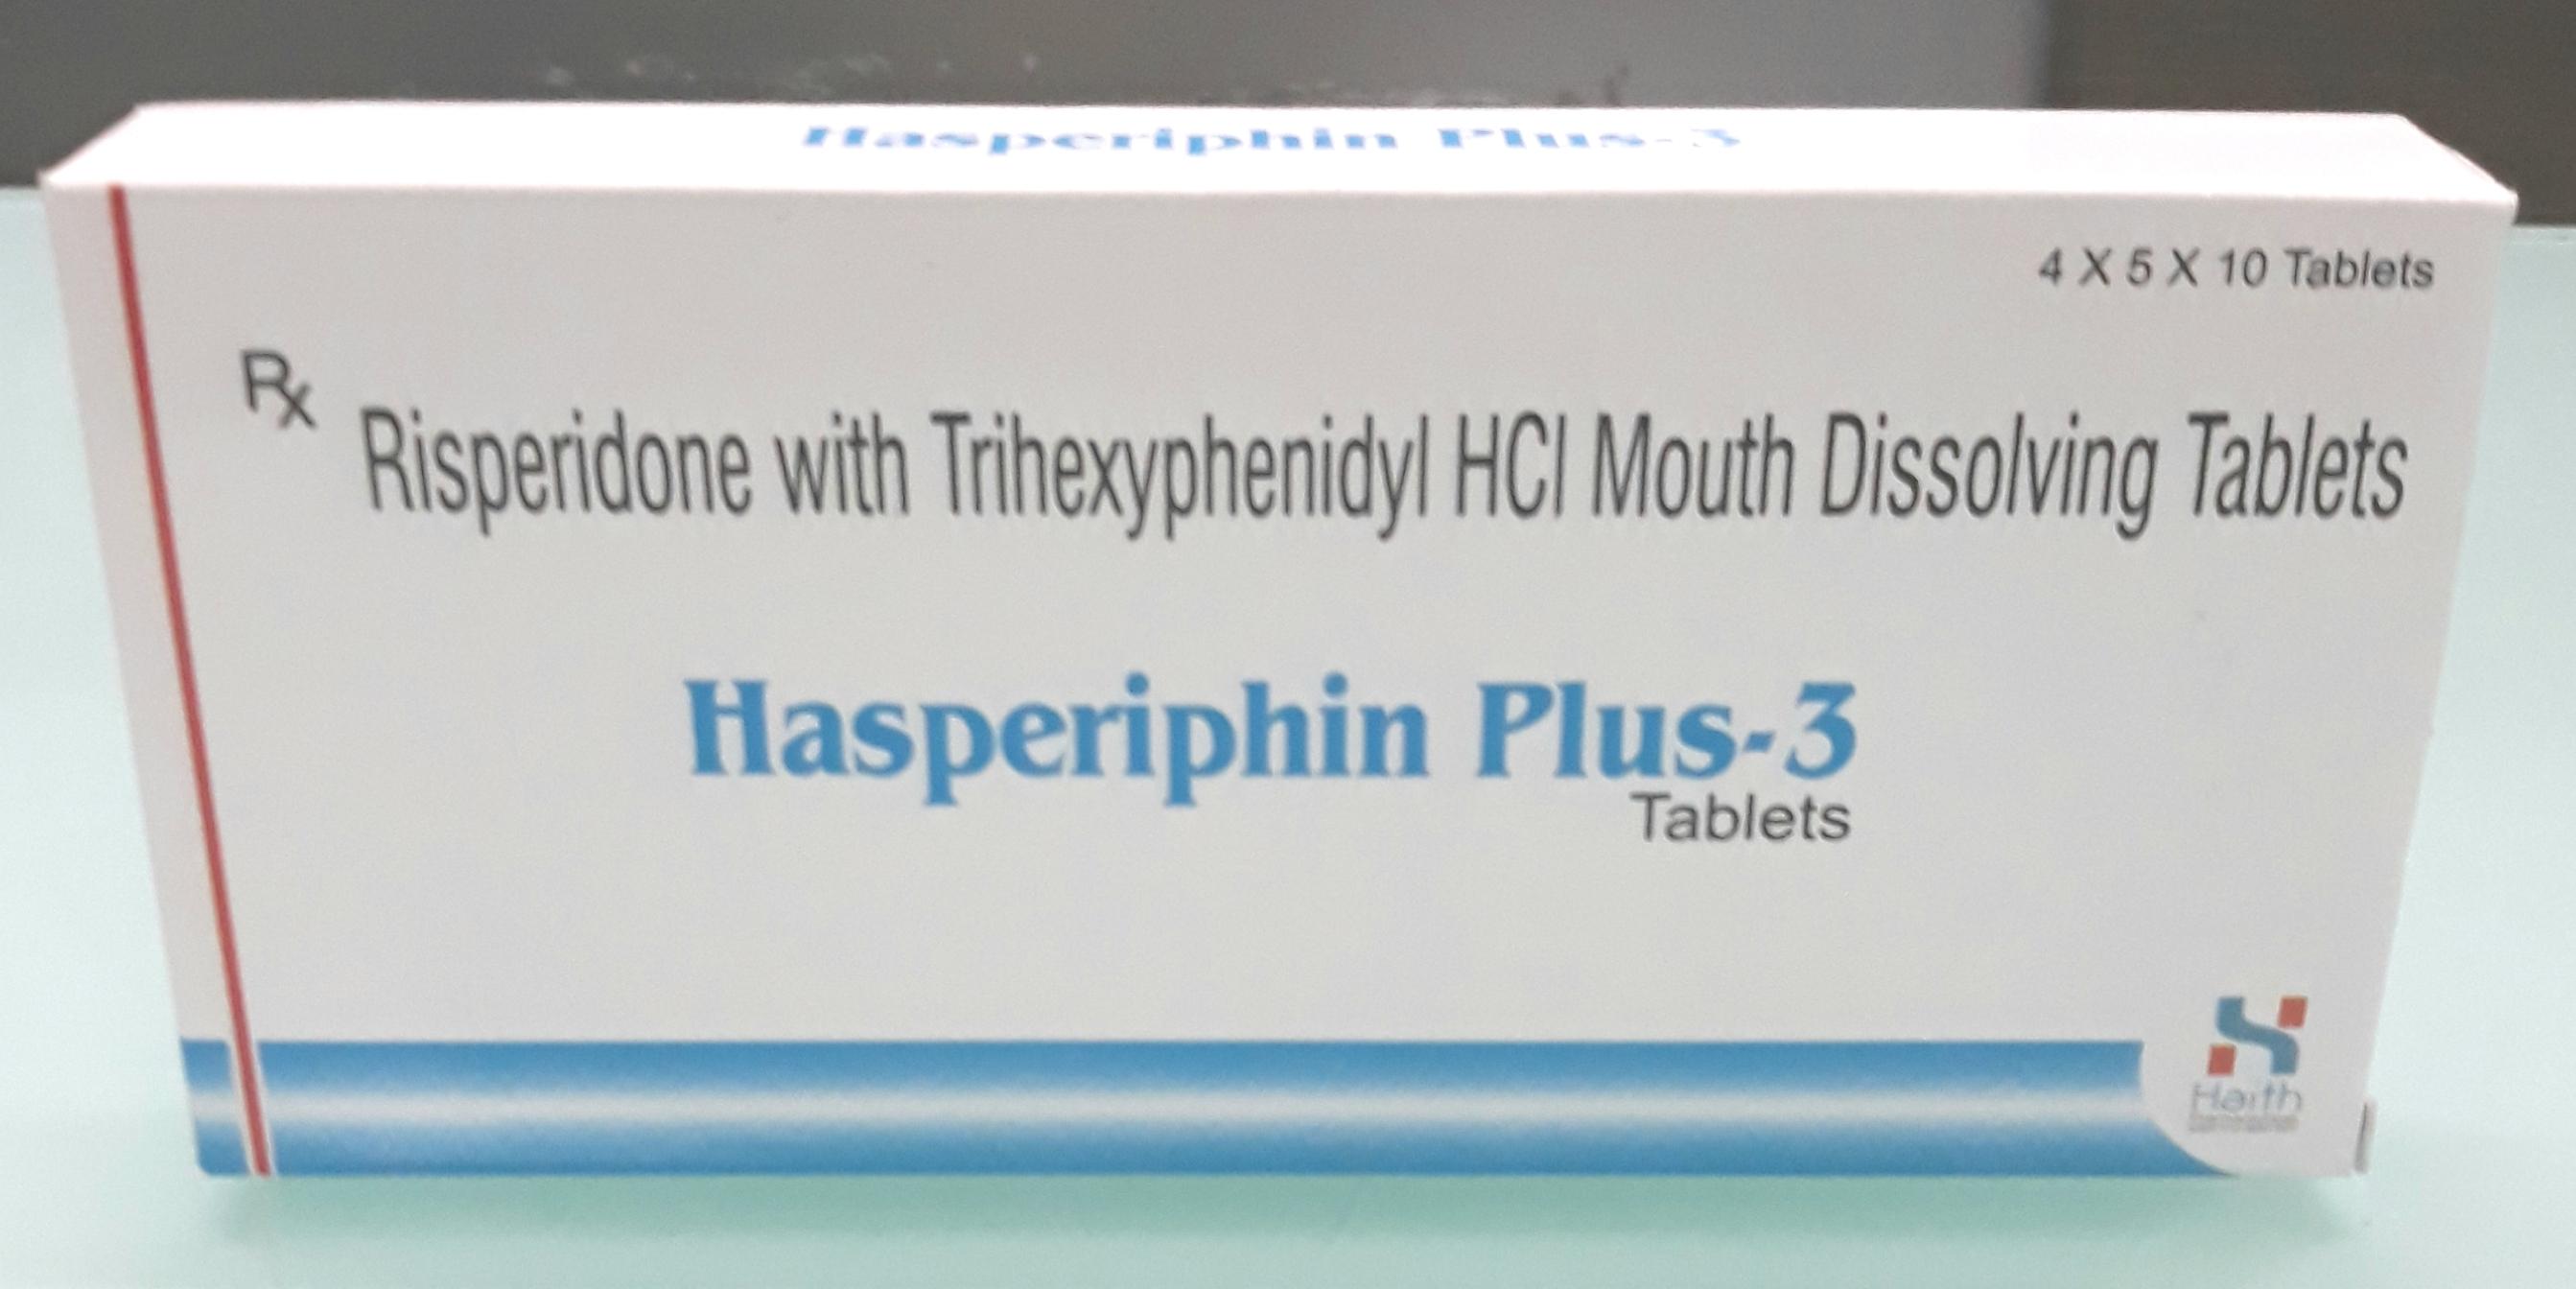 Risperidone Trihexyphenidyl Tablets